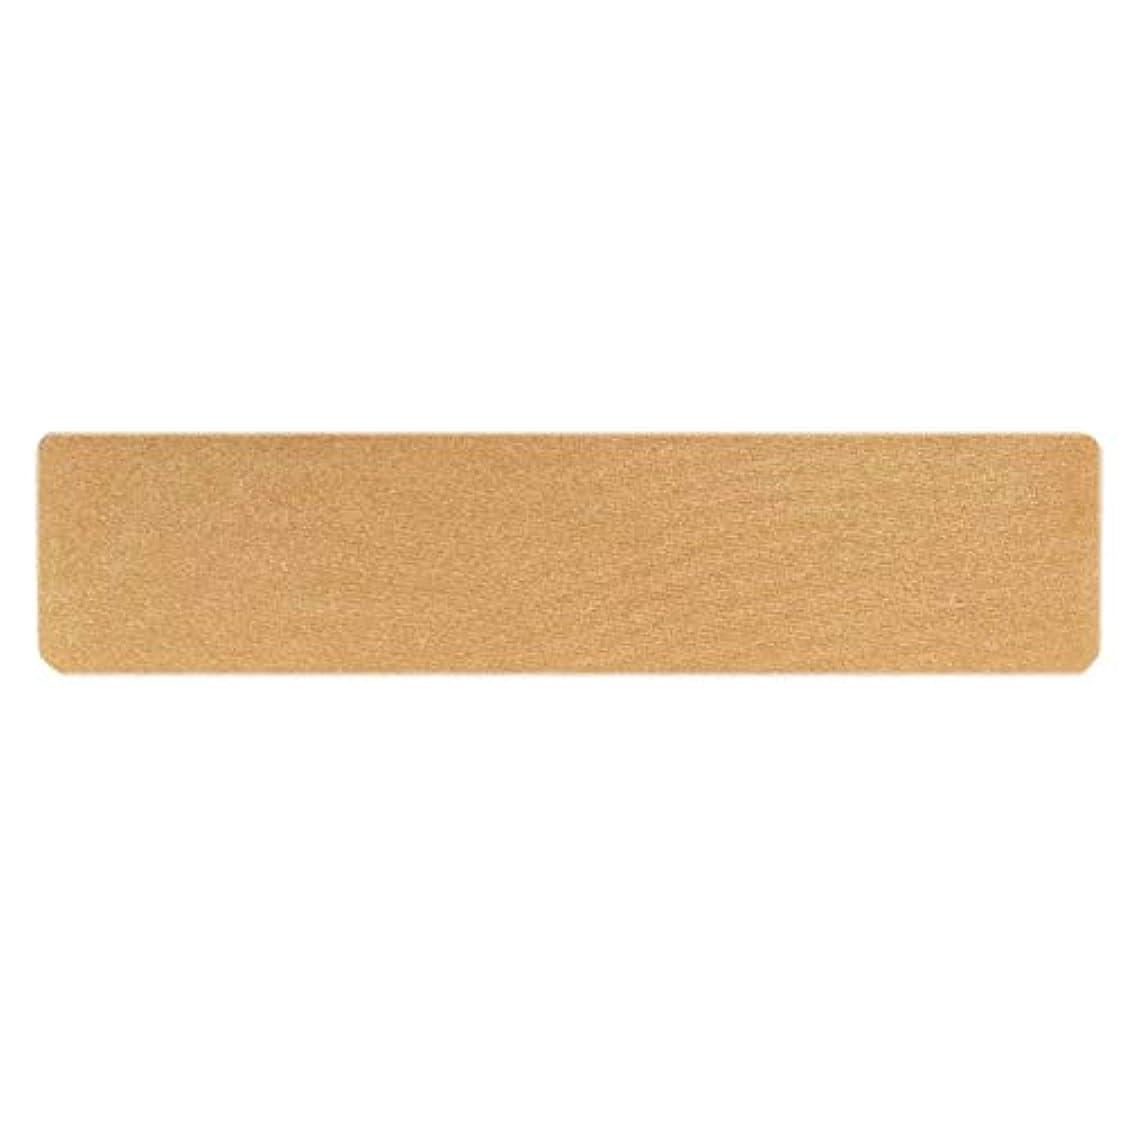 マイク防衛グリース弾力性シリコーン瘢痕ゲルアウェイストリップ貼り付け医療外傷熱傷皮膚修復瘢痕治療パッチRemovel瘢痕 - 皮膚